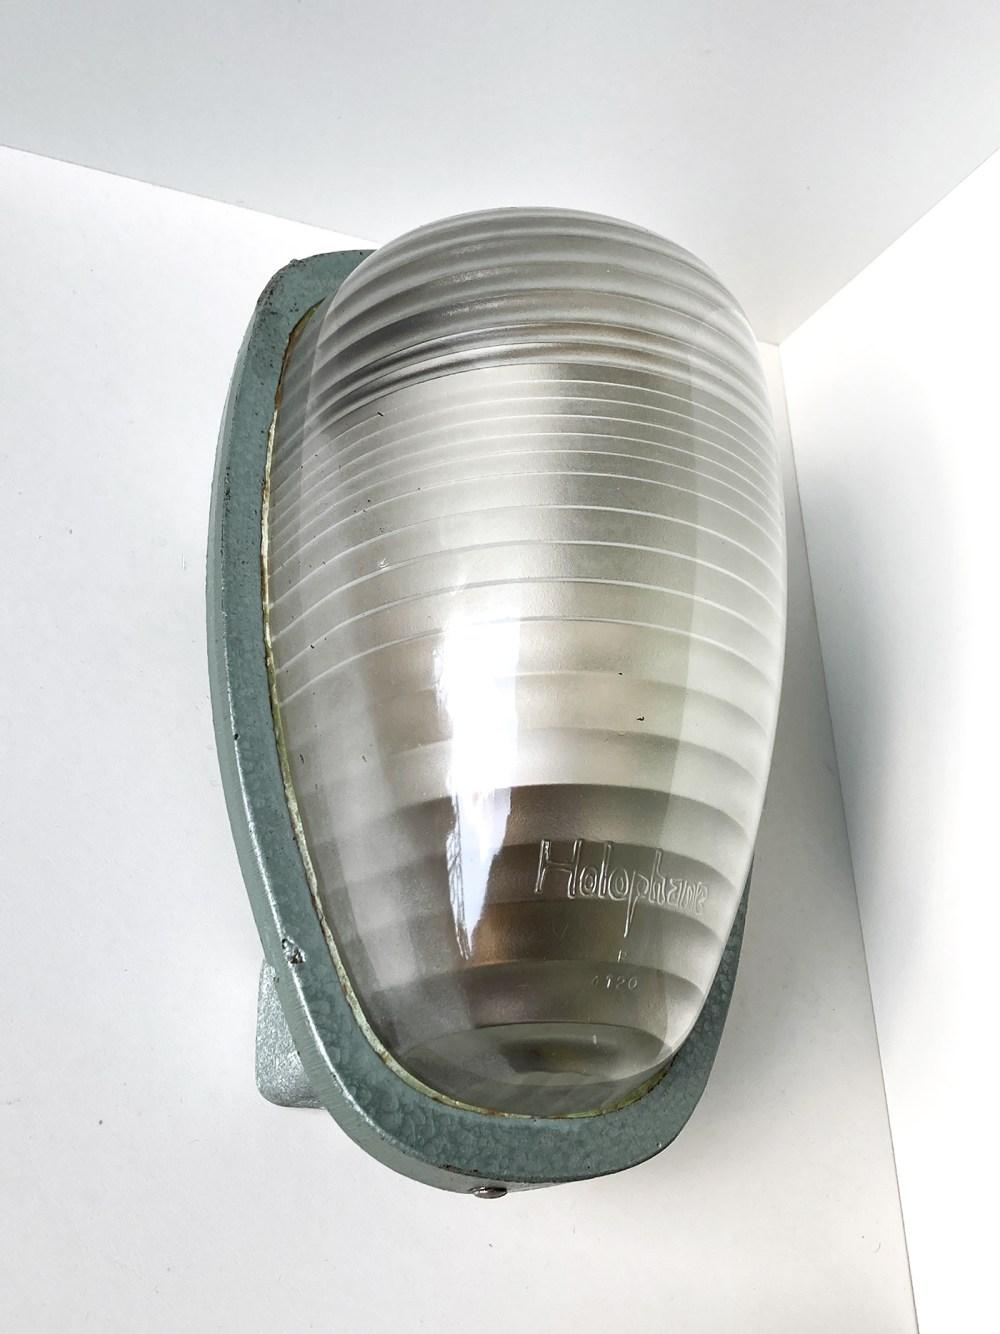 holophane CE100. Plafonnier industriel vintage chez ltgmood.com galerie de luminaires vintage à Paris